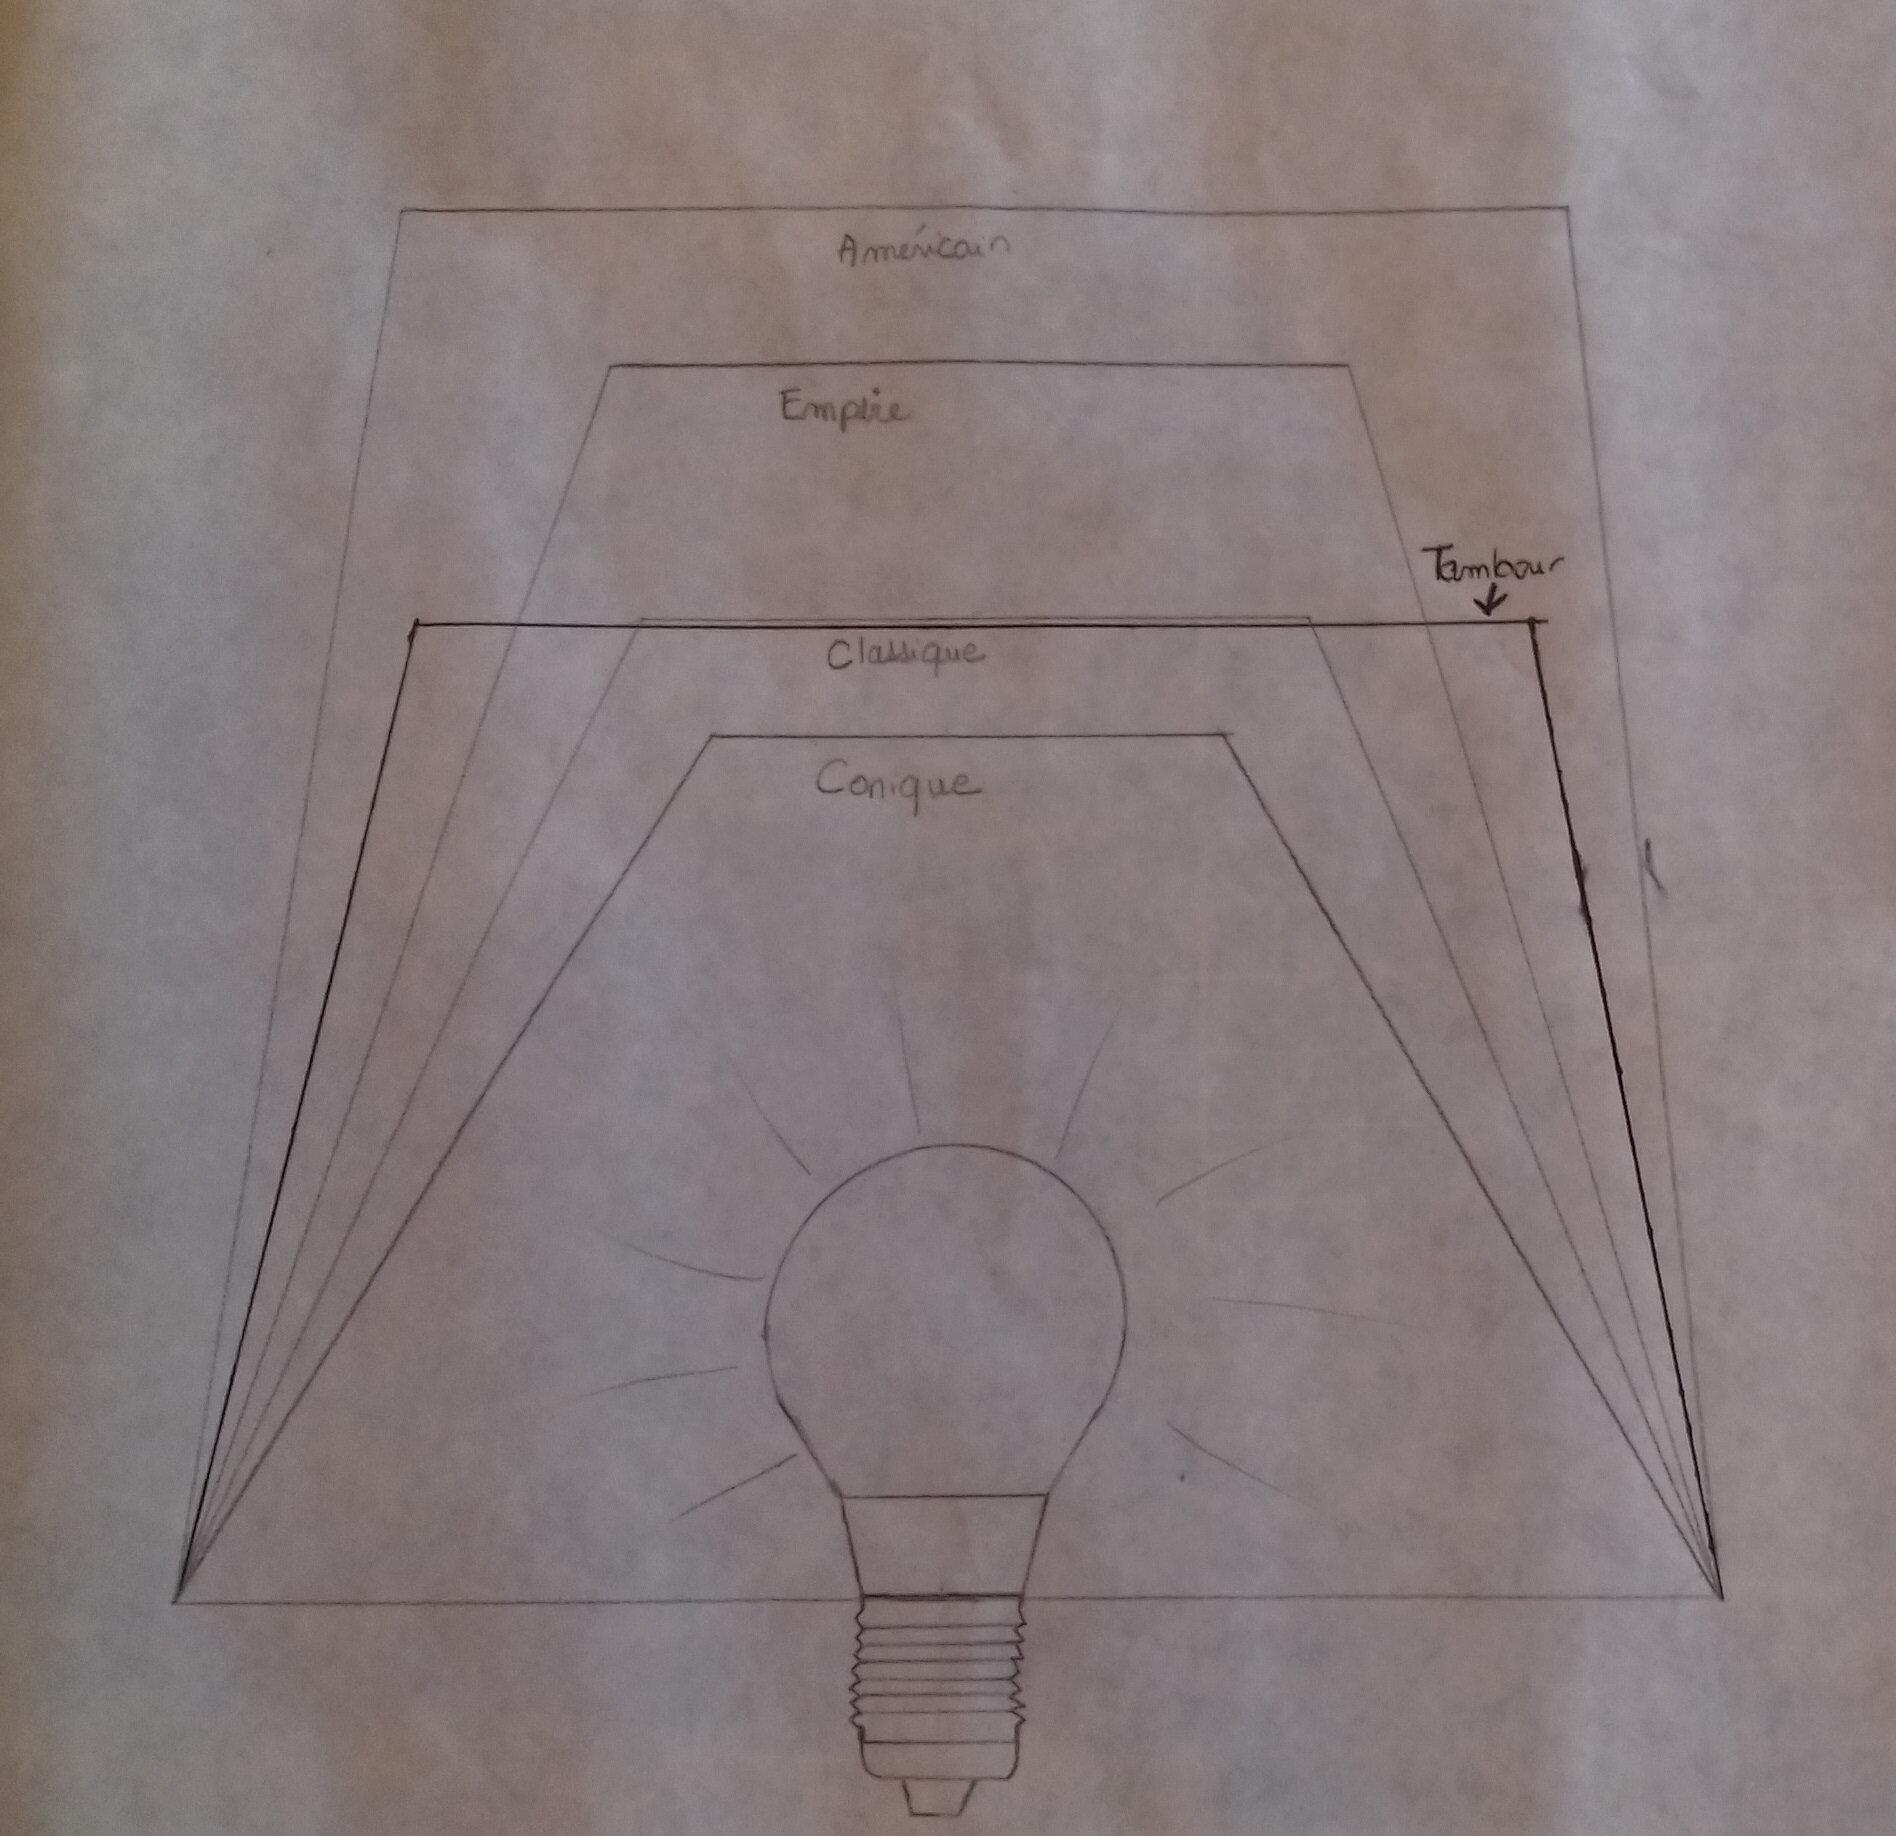 Fabriquer Carcasse Abat Jour différentes formes d'abat-jour (1) - l'atelier 2 nanou